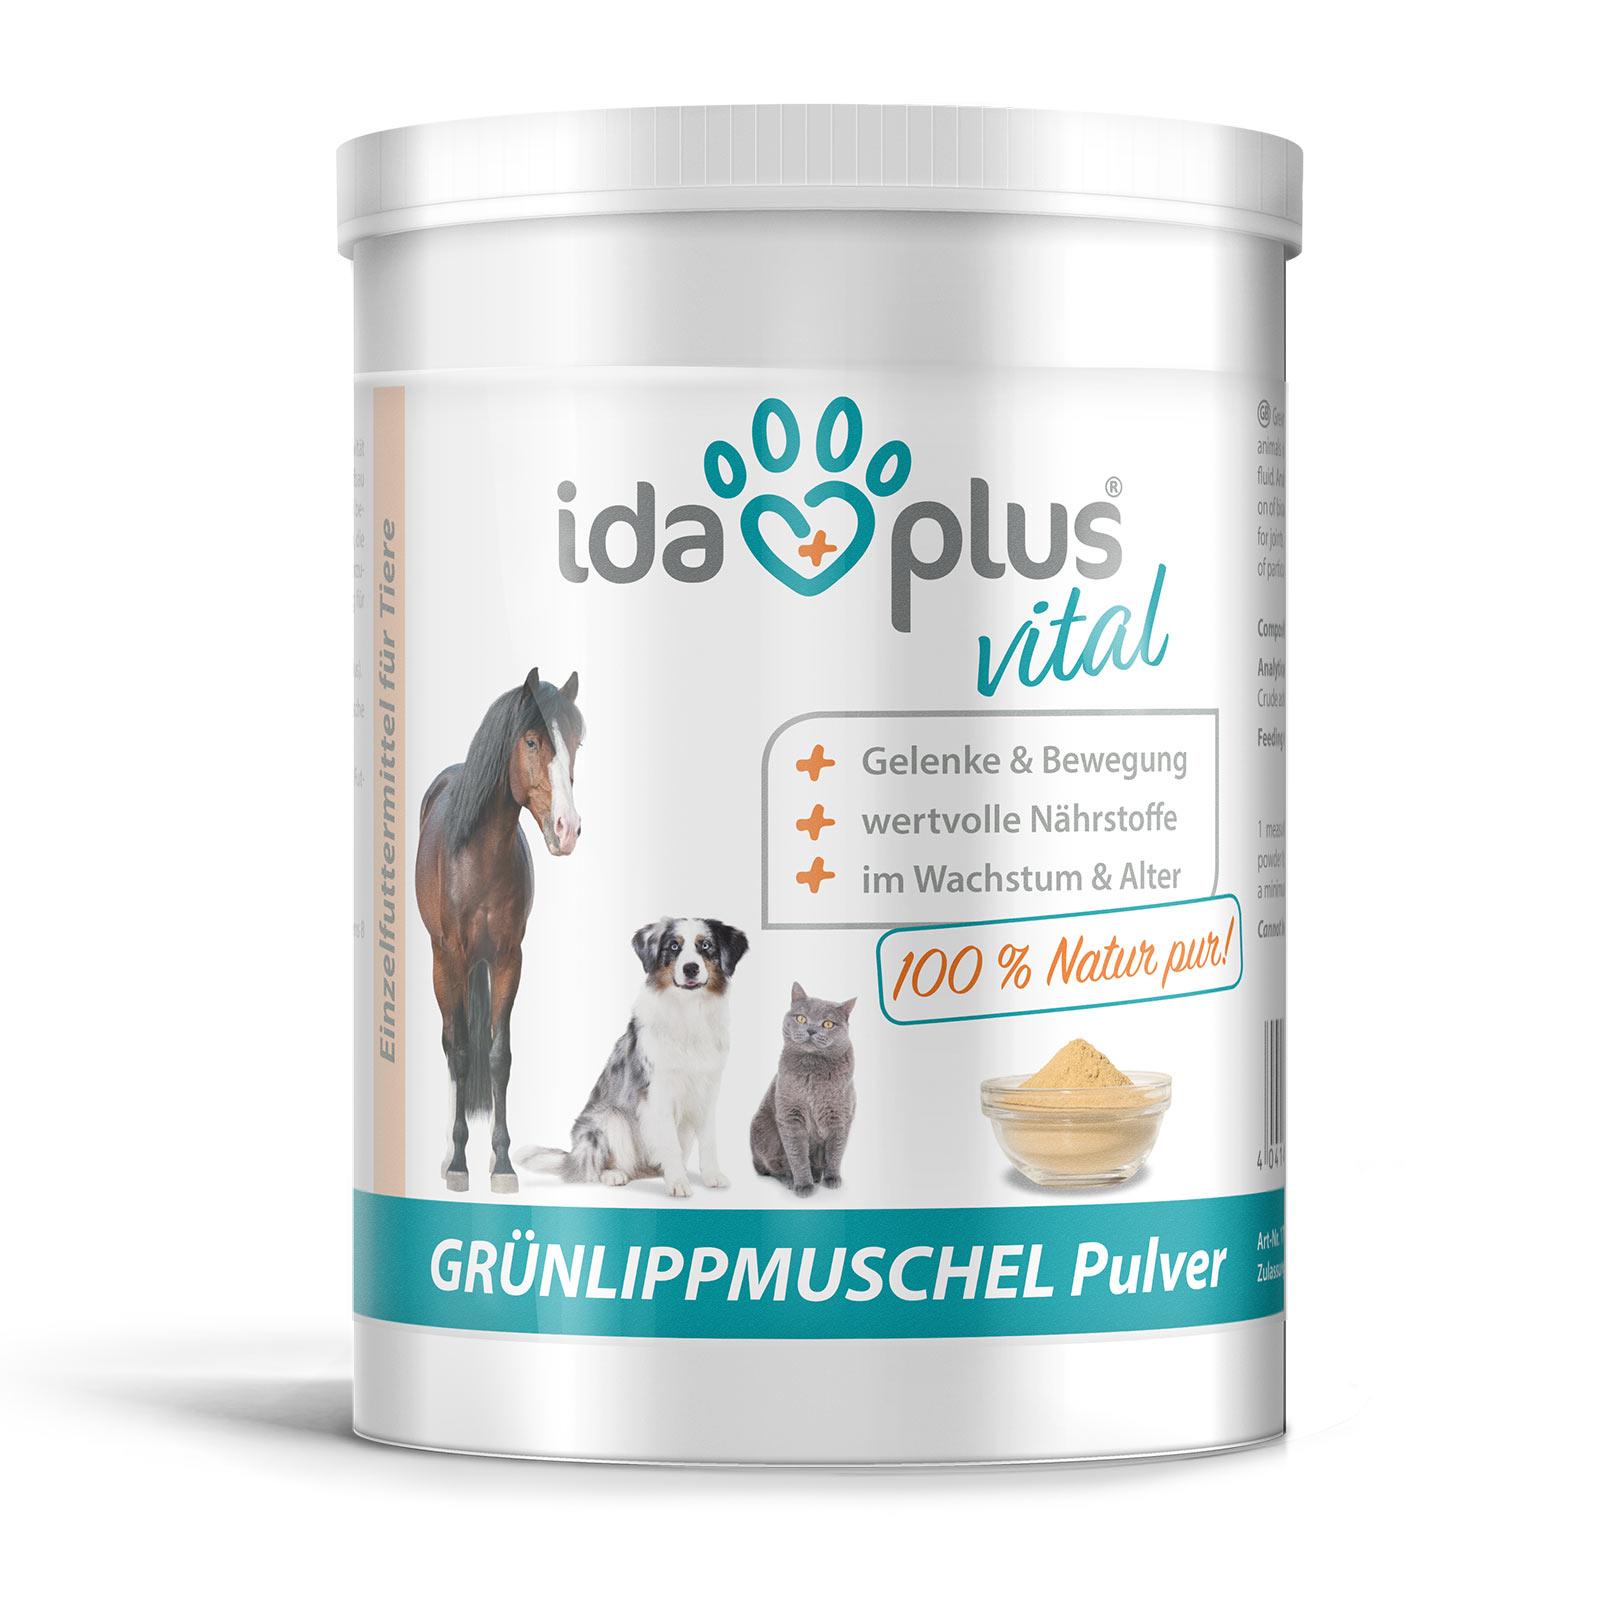 Grünlippmuschel - Unterstützung der Gelenkfunktion für Hund, Katze & Pferd 500g